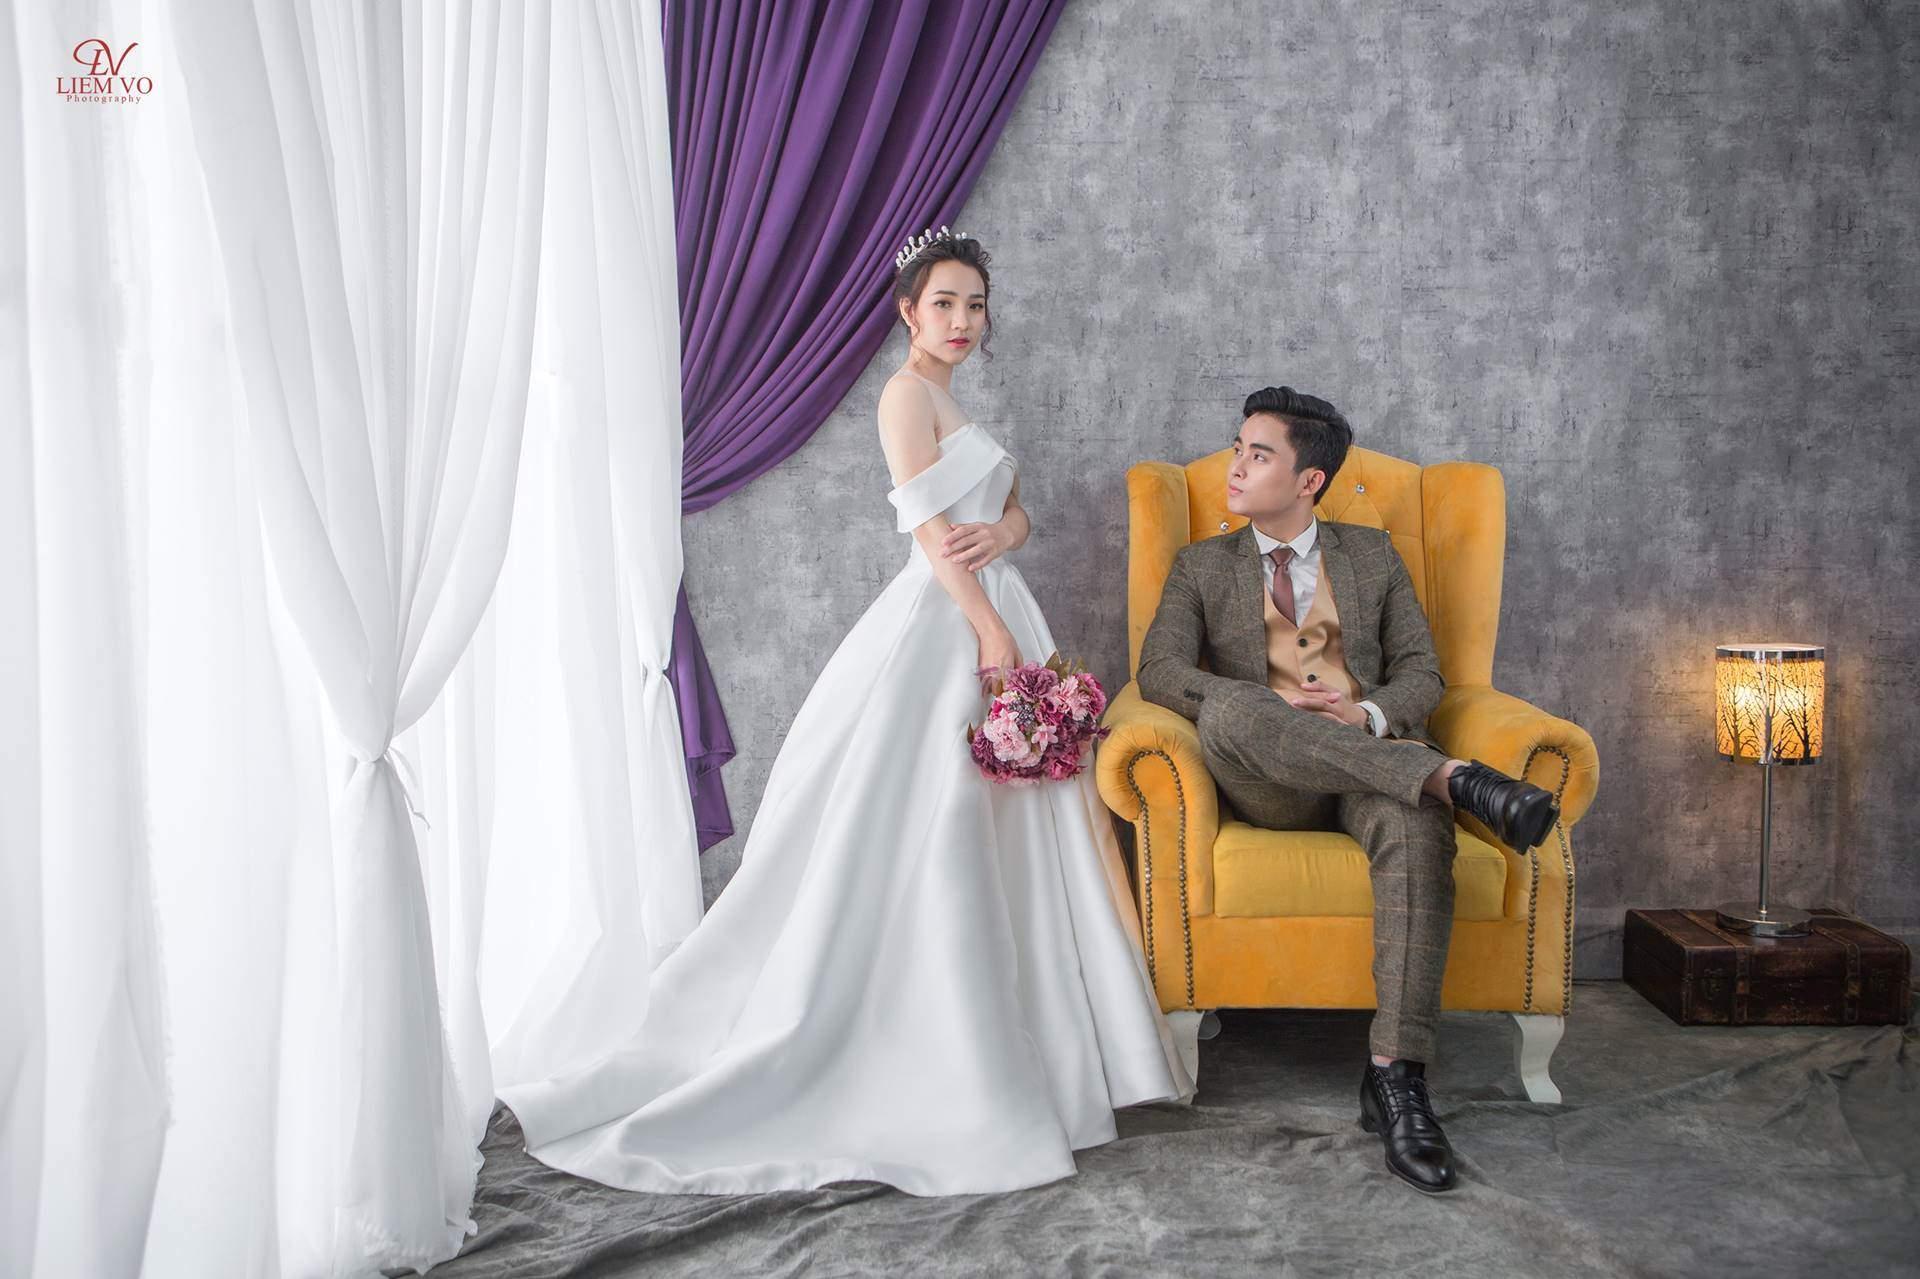 Chụp ảnh cưới tại studio giá rẻ